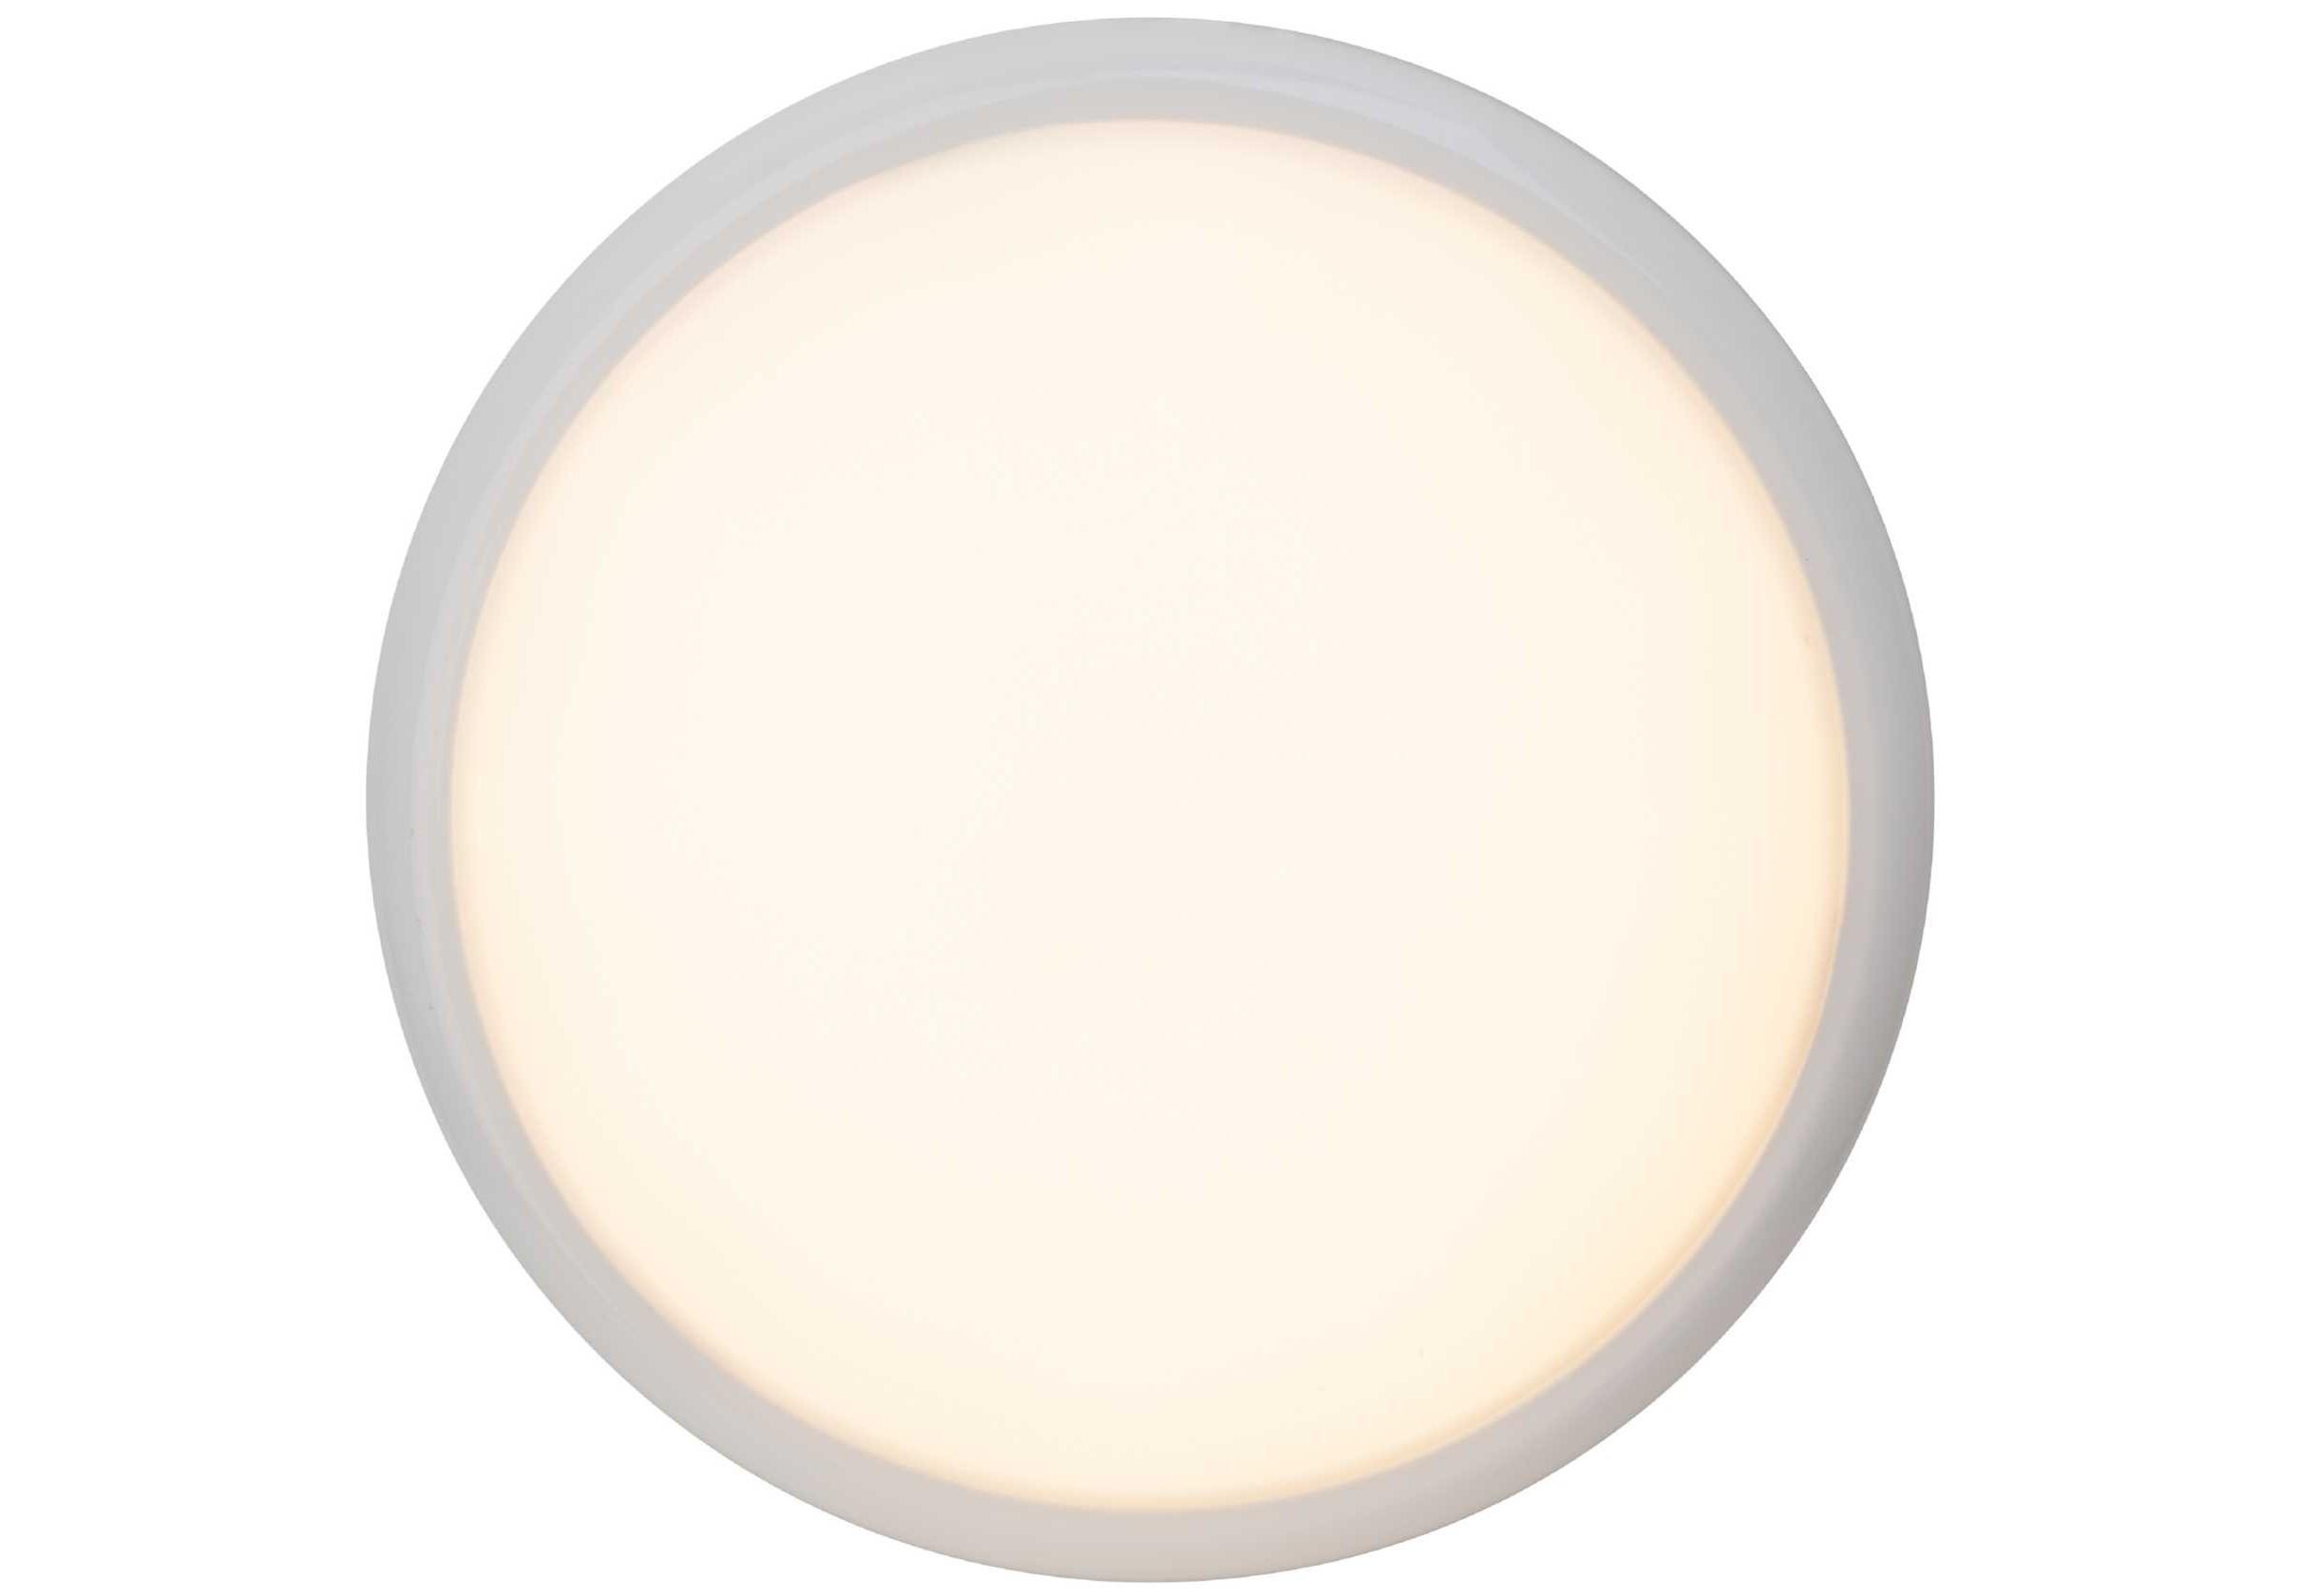 Светильник настенный или потолочный VigorПотолочные светильники<br>&amp;lt;div&amp;gt;Цоколь: LED&amp;amp;nbsp;&amp;lt;/div&amp;gt;&amp;lt;div&amp;gt;Мощность лампы: 15W&amp;lt;/div&amp;gt;&amp;lt;div&amp;gt;Количество ламп: 1&amp;amp;nbsp;&amp;lt;/div&amp;gt;&amp;lt;div&amp;gt;Наличие ламп:&amp;amp;nbsp;&amp;lt;span style=&amp;quot;line-height: 24.9999px;&amp;quot;&amp;gt;в комплекте&amp;lt;/span&amp;gt;&amp;lt;br&amp;gt;&amp;lt;/div&amp;gt;<br><br>Material: Пластик<br>Height см: 7<br>Diameter см: 33